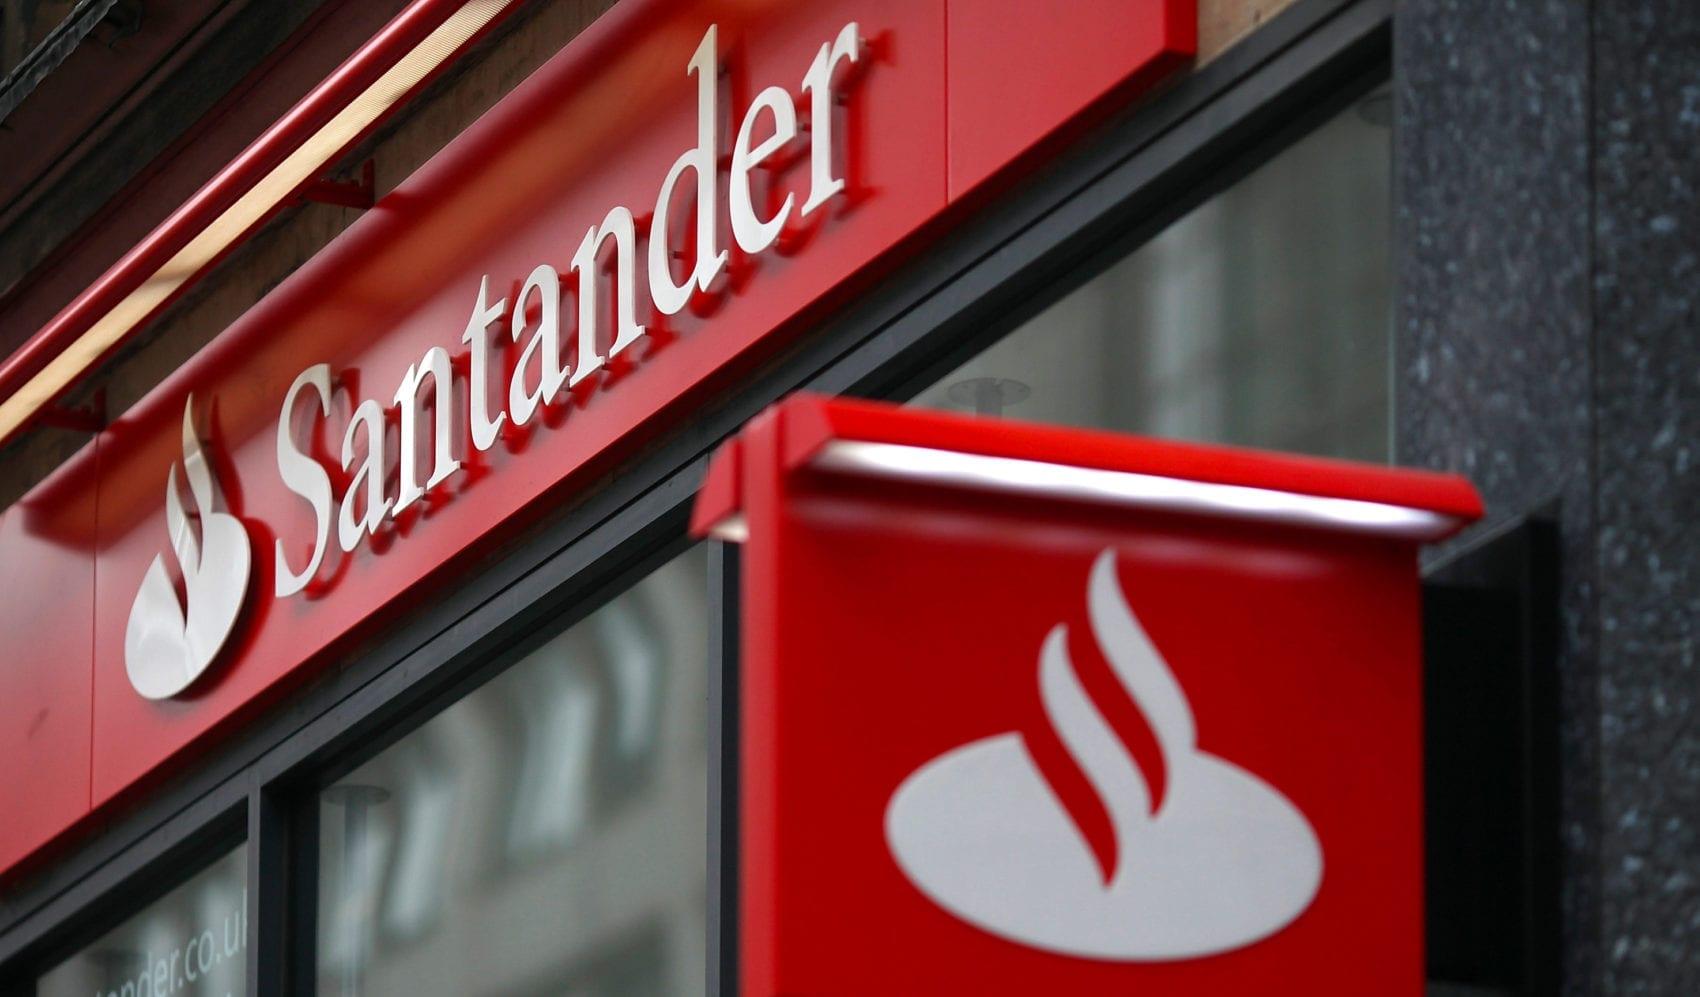 SAAG11: Aprenda mais sobre o fundo que detém agências do banco Santander